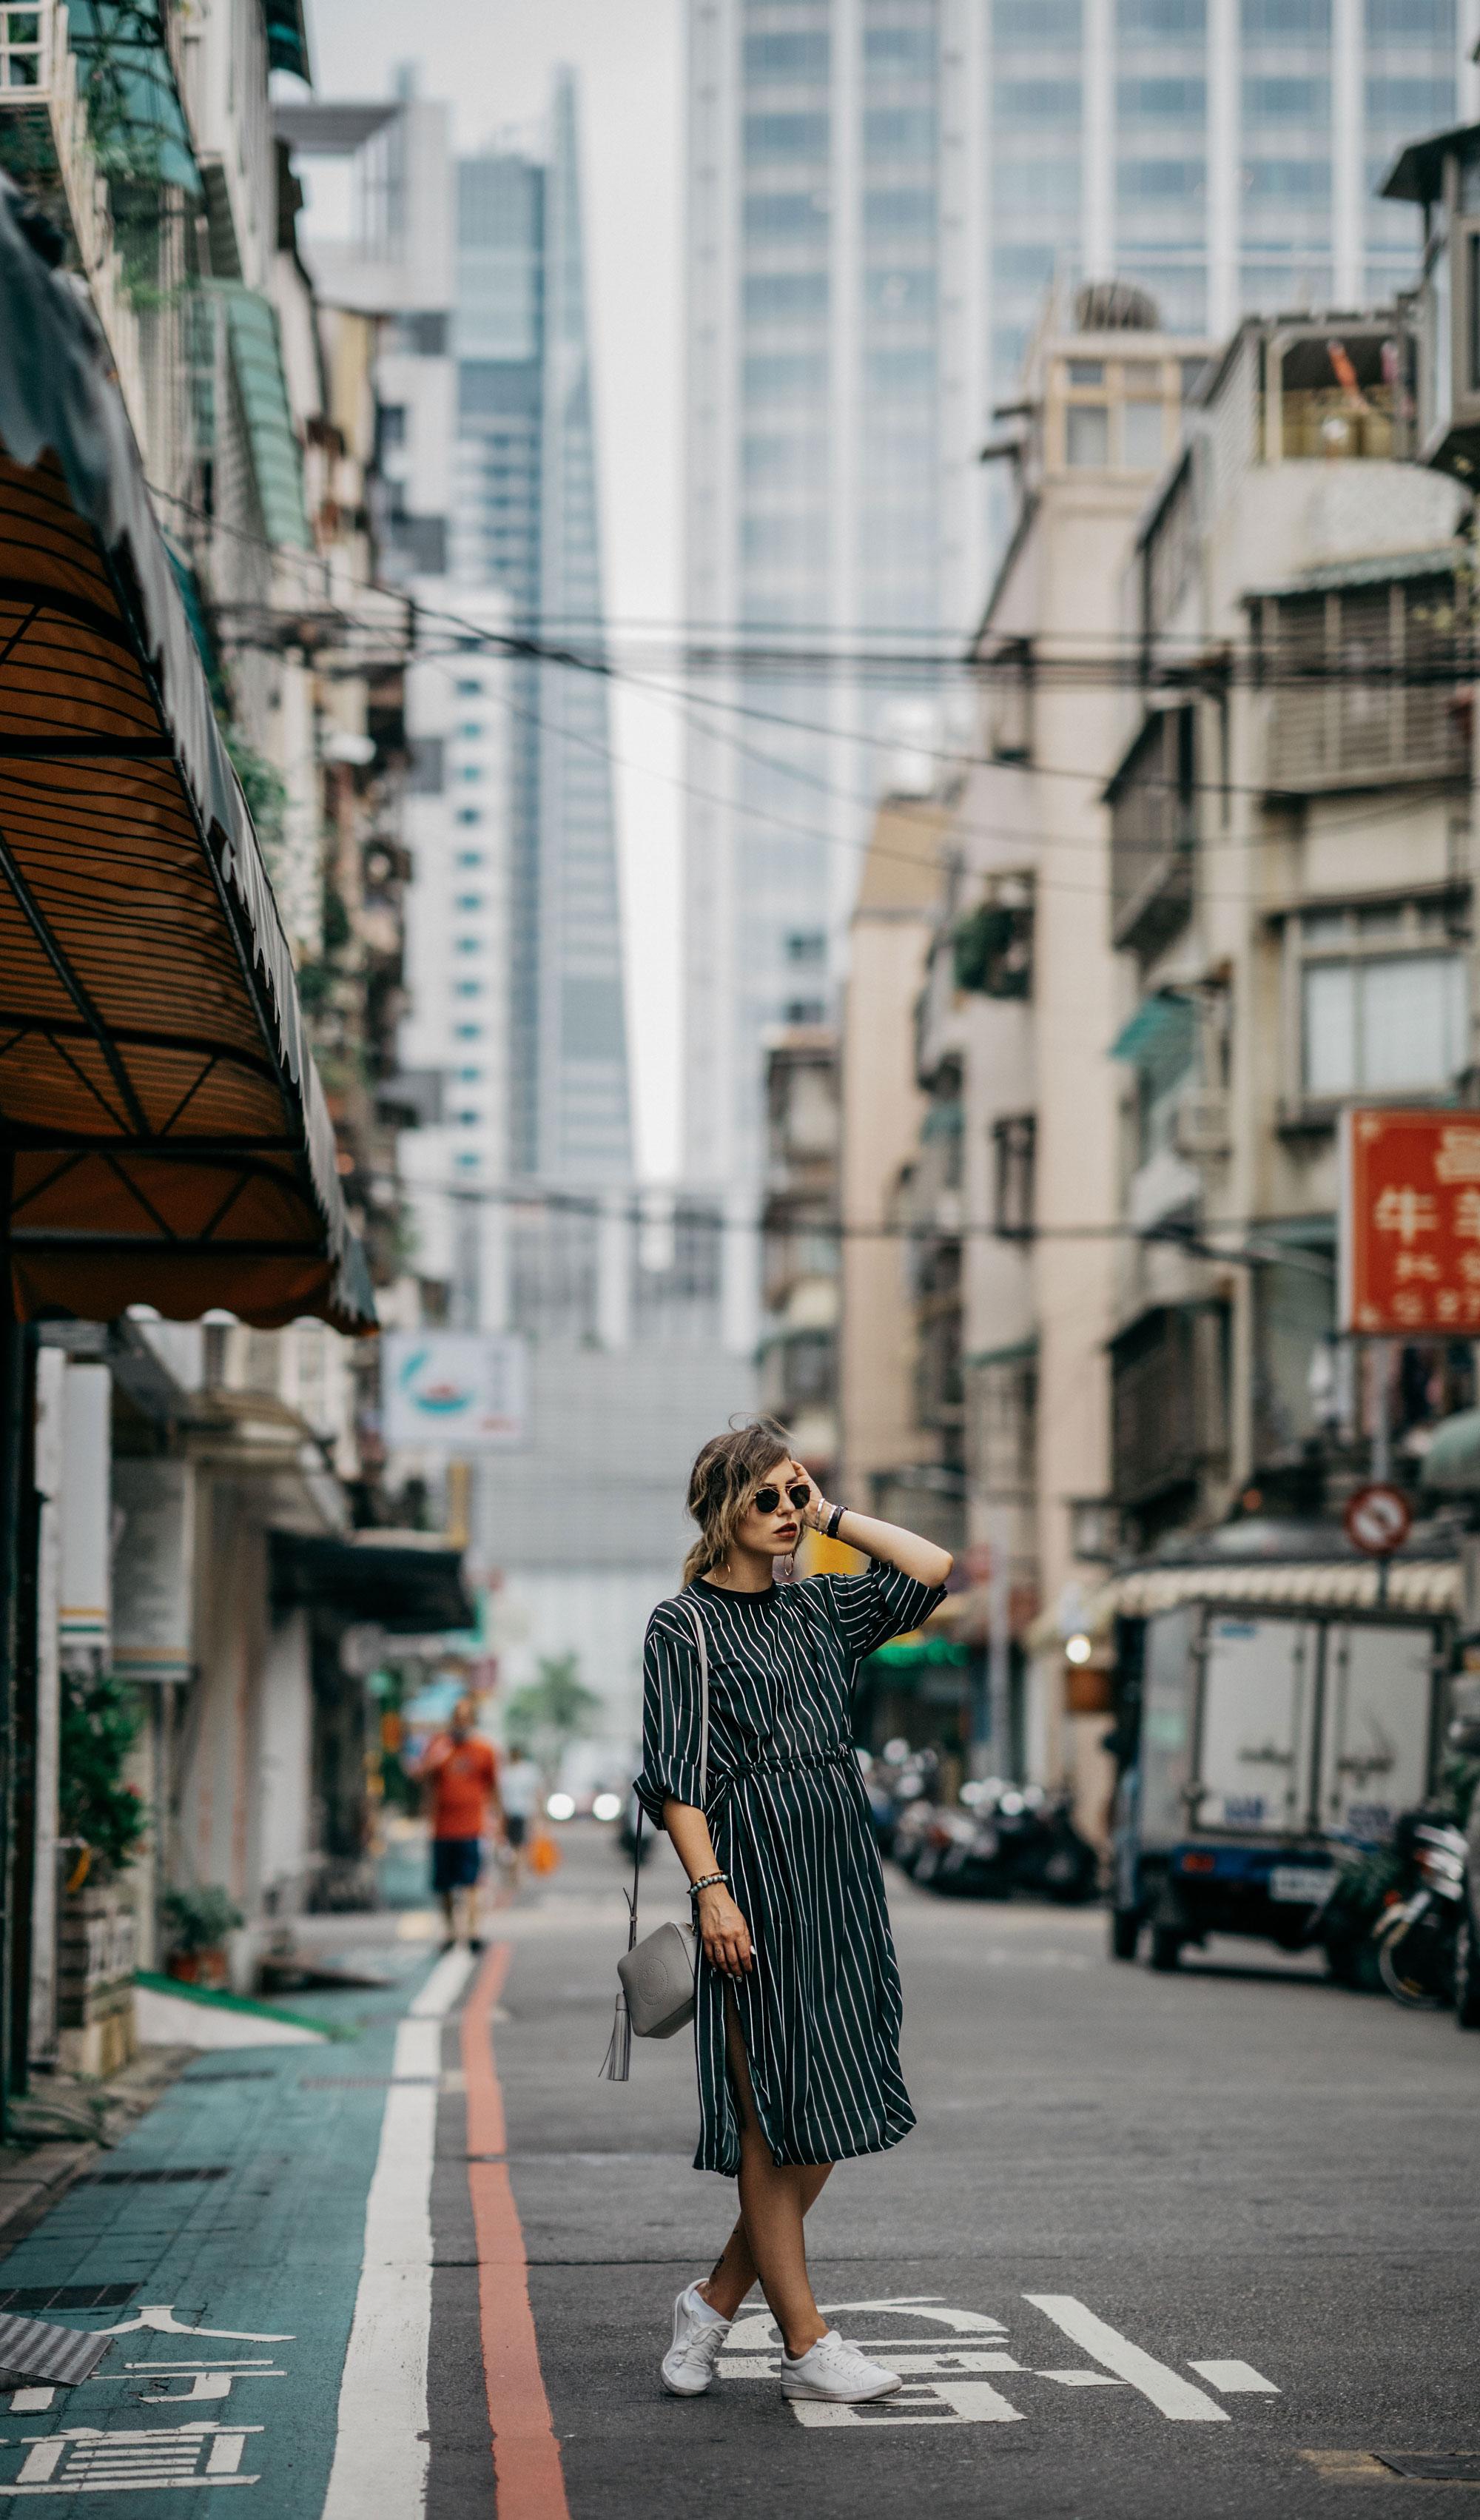 Уличный Стиль на Тайване | стиль: столичный, спортивный, теннис, азиатский, броский